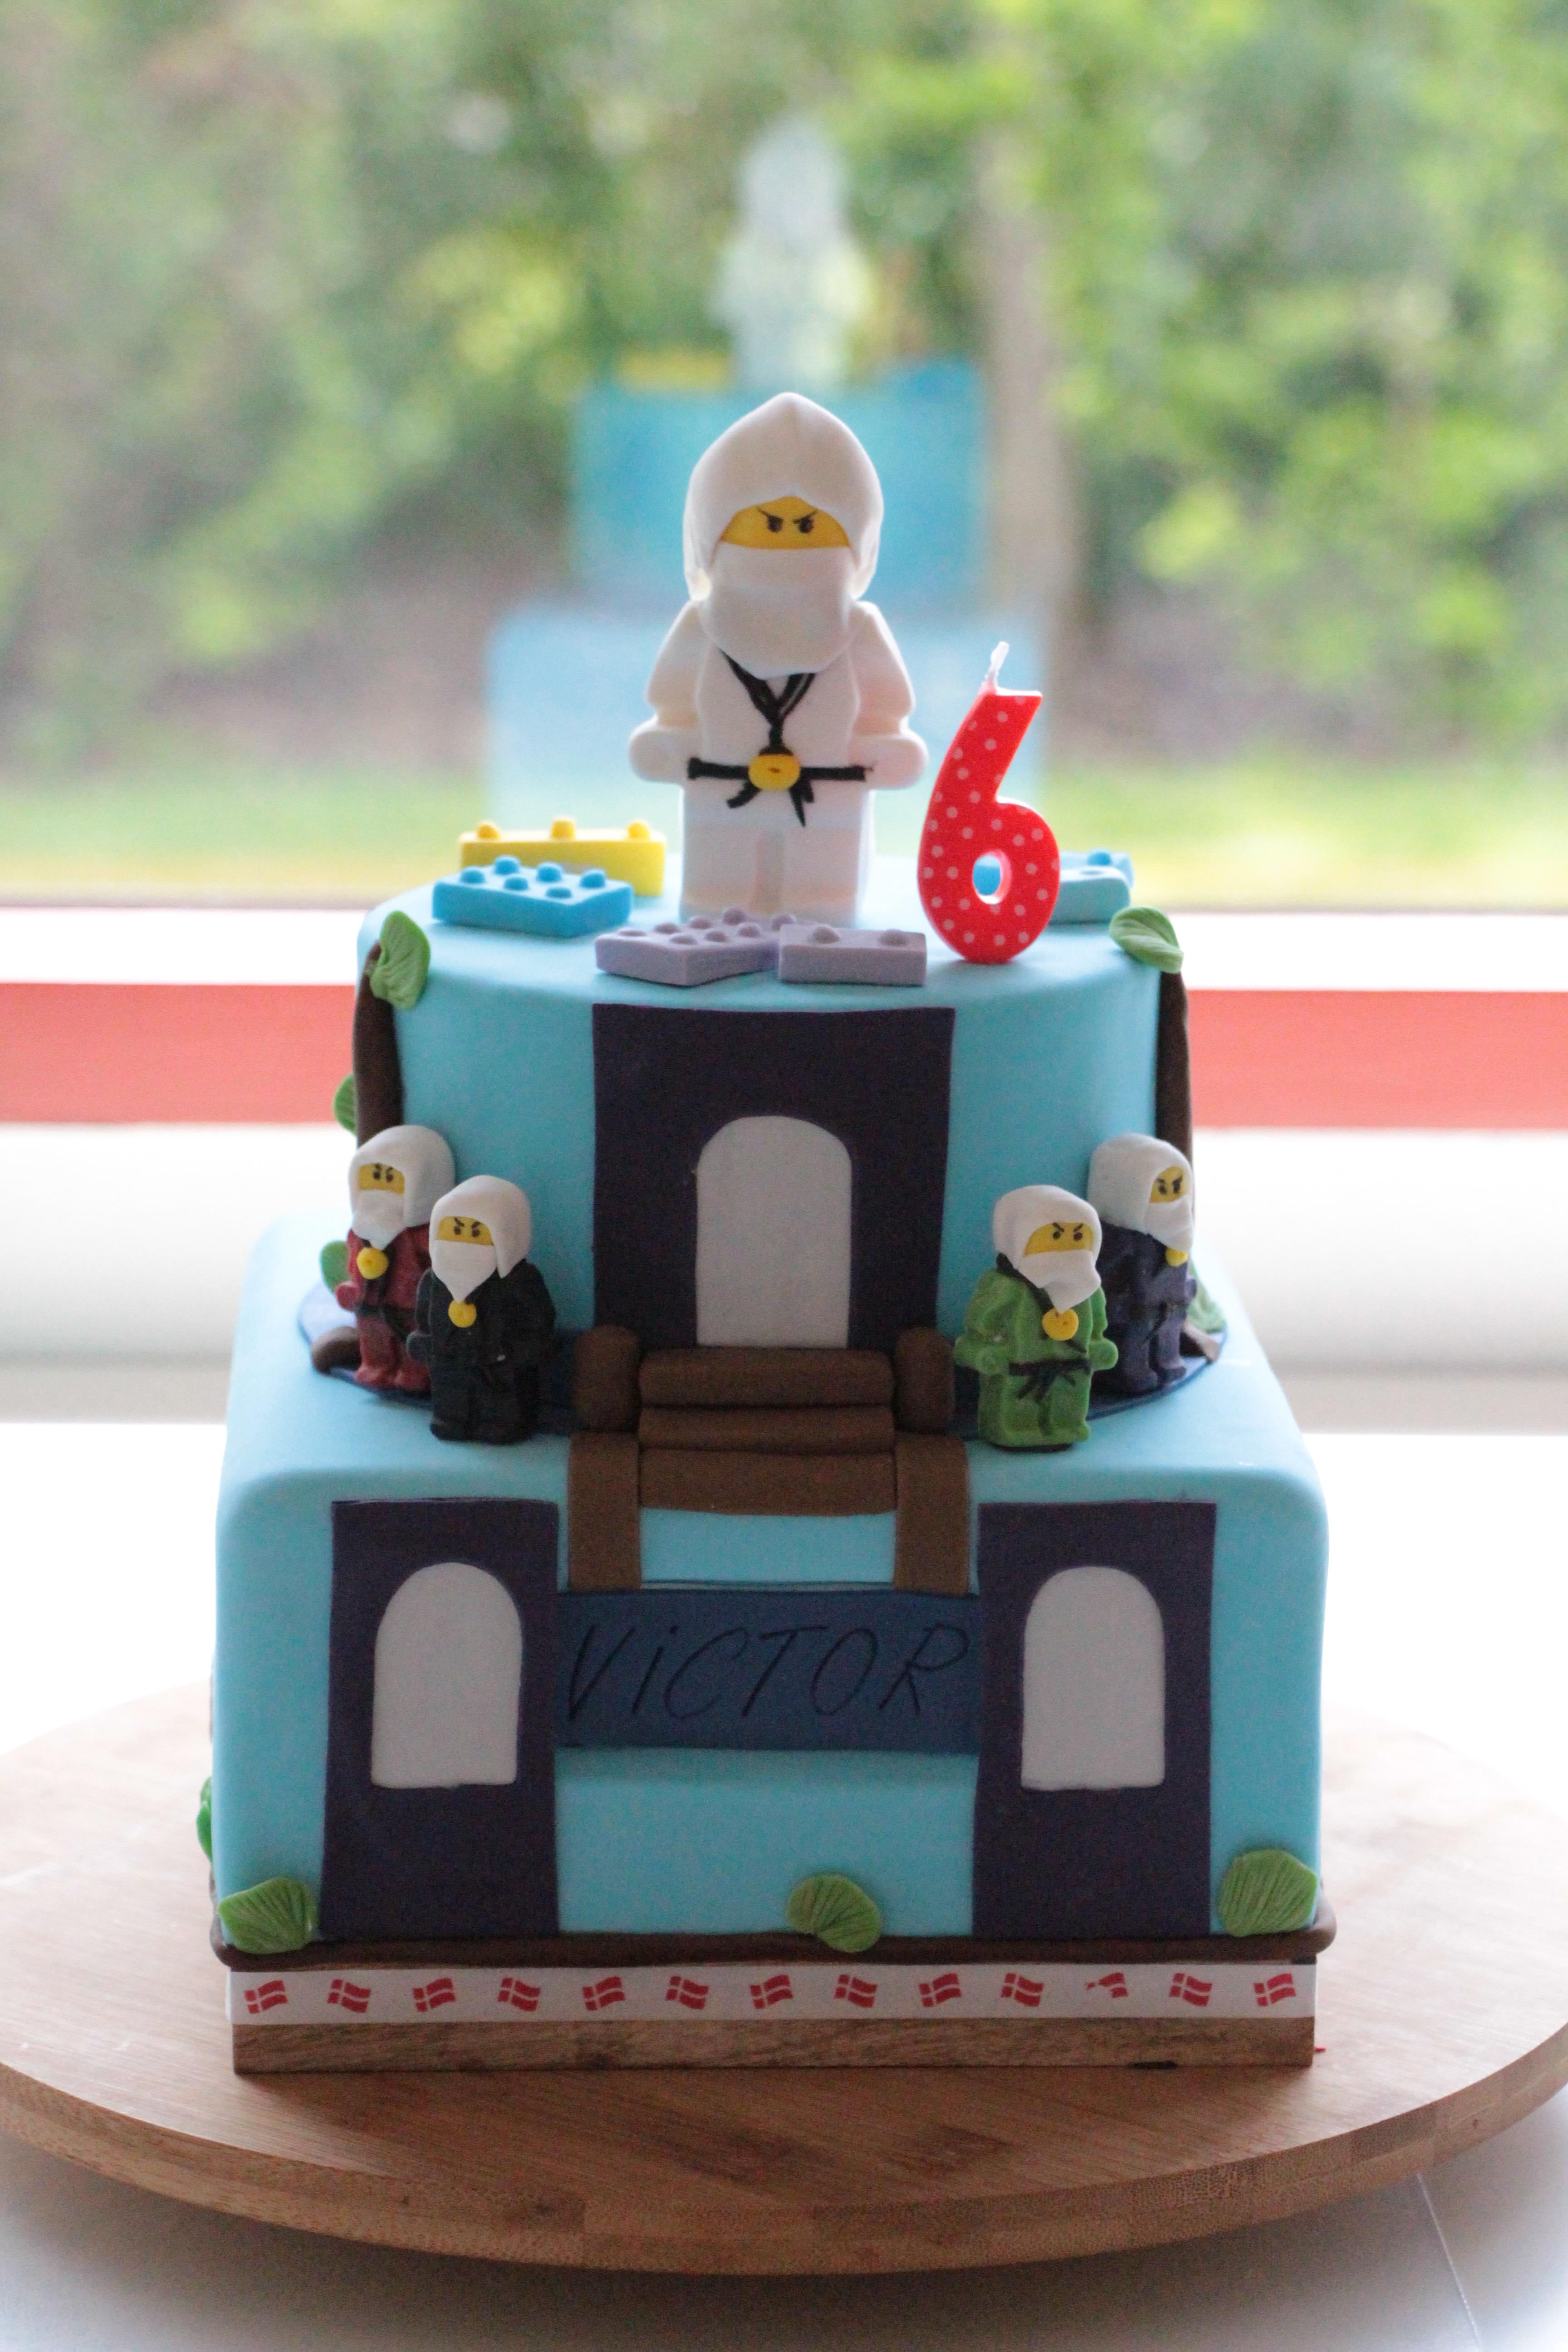 Lego ninja kage